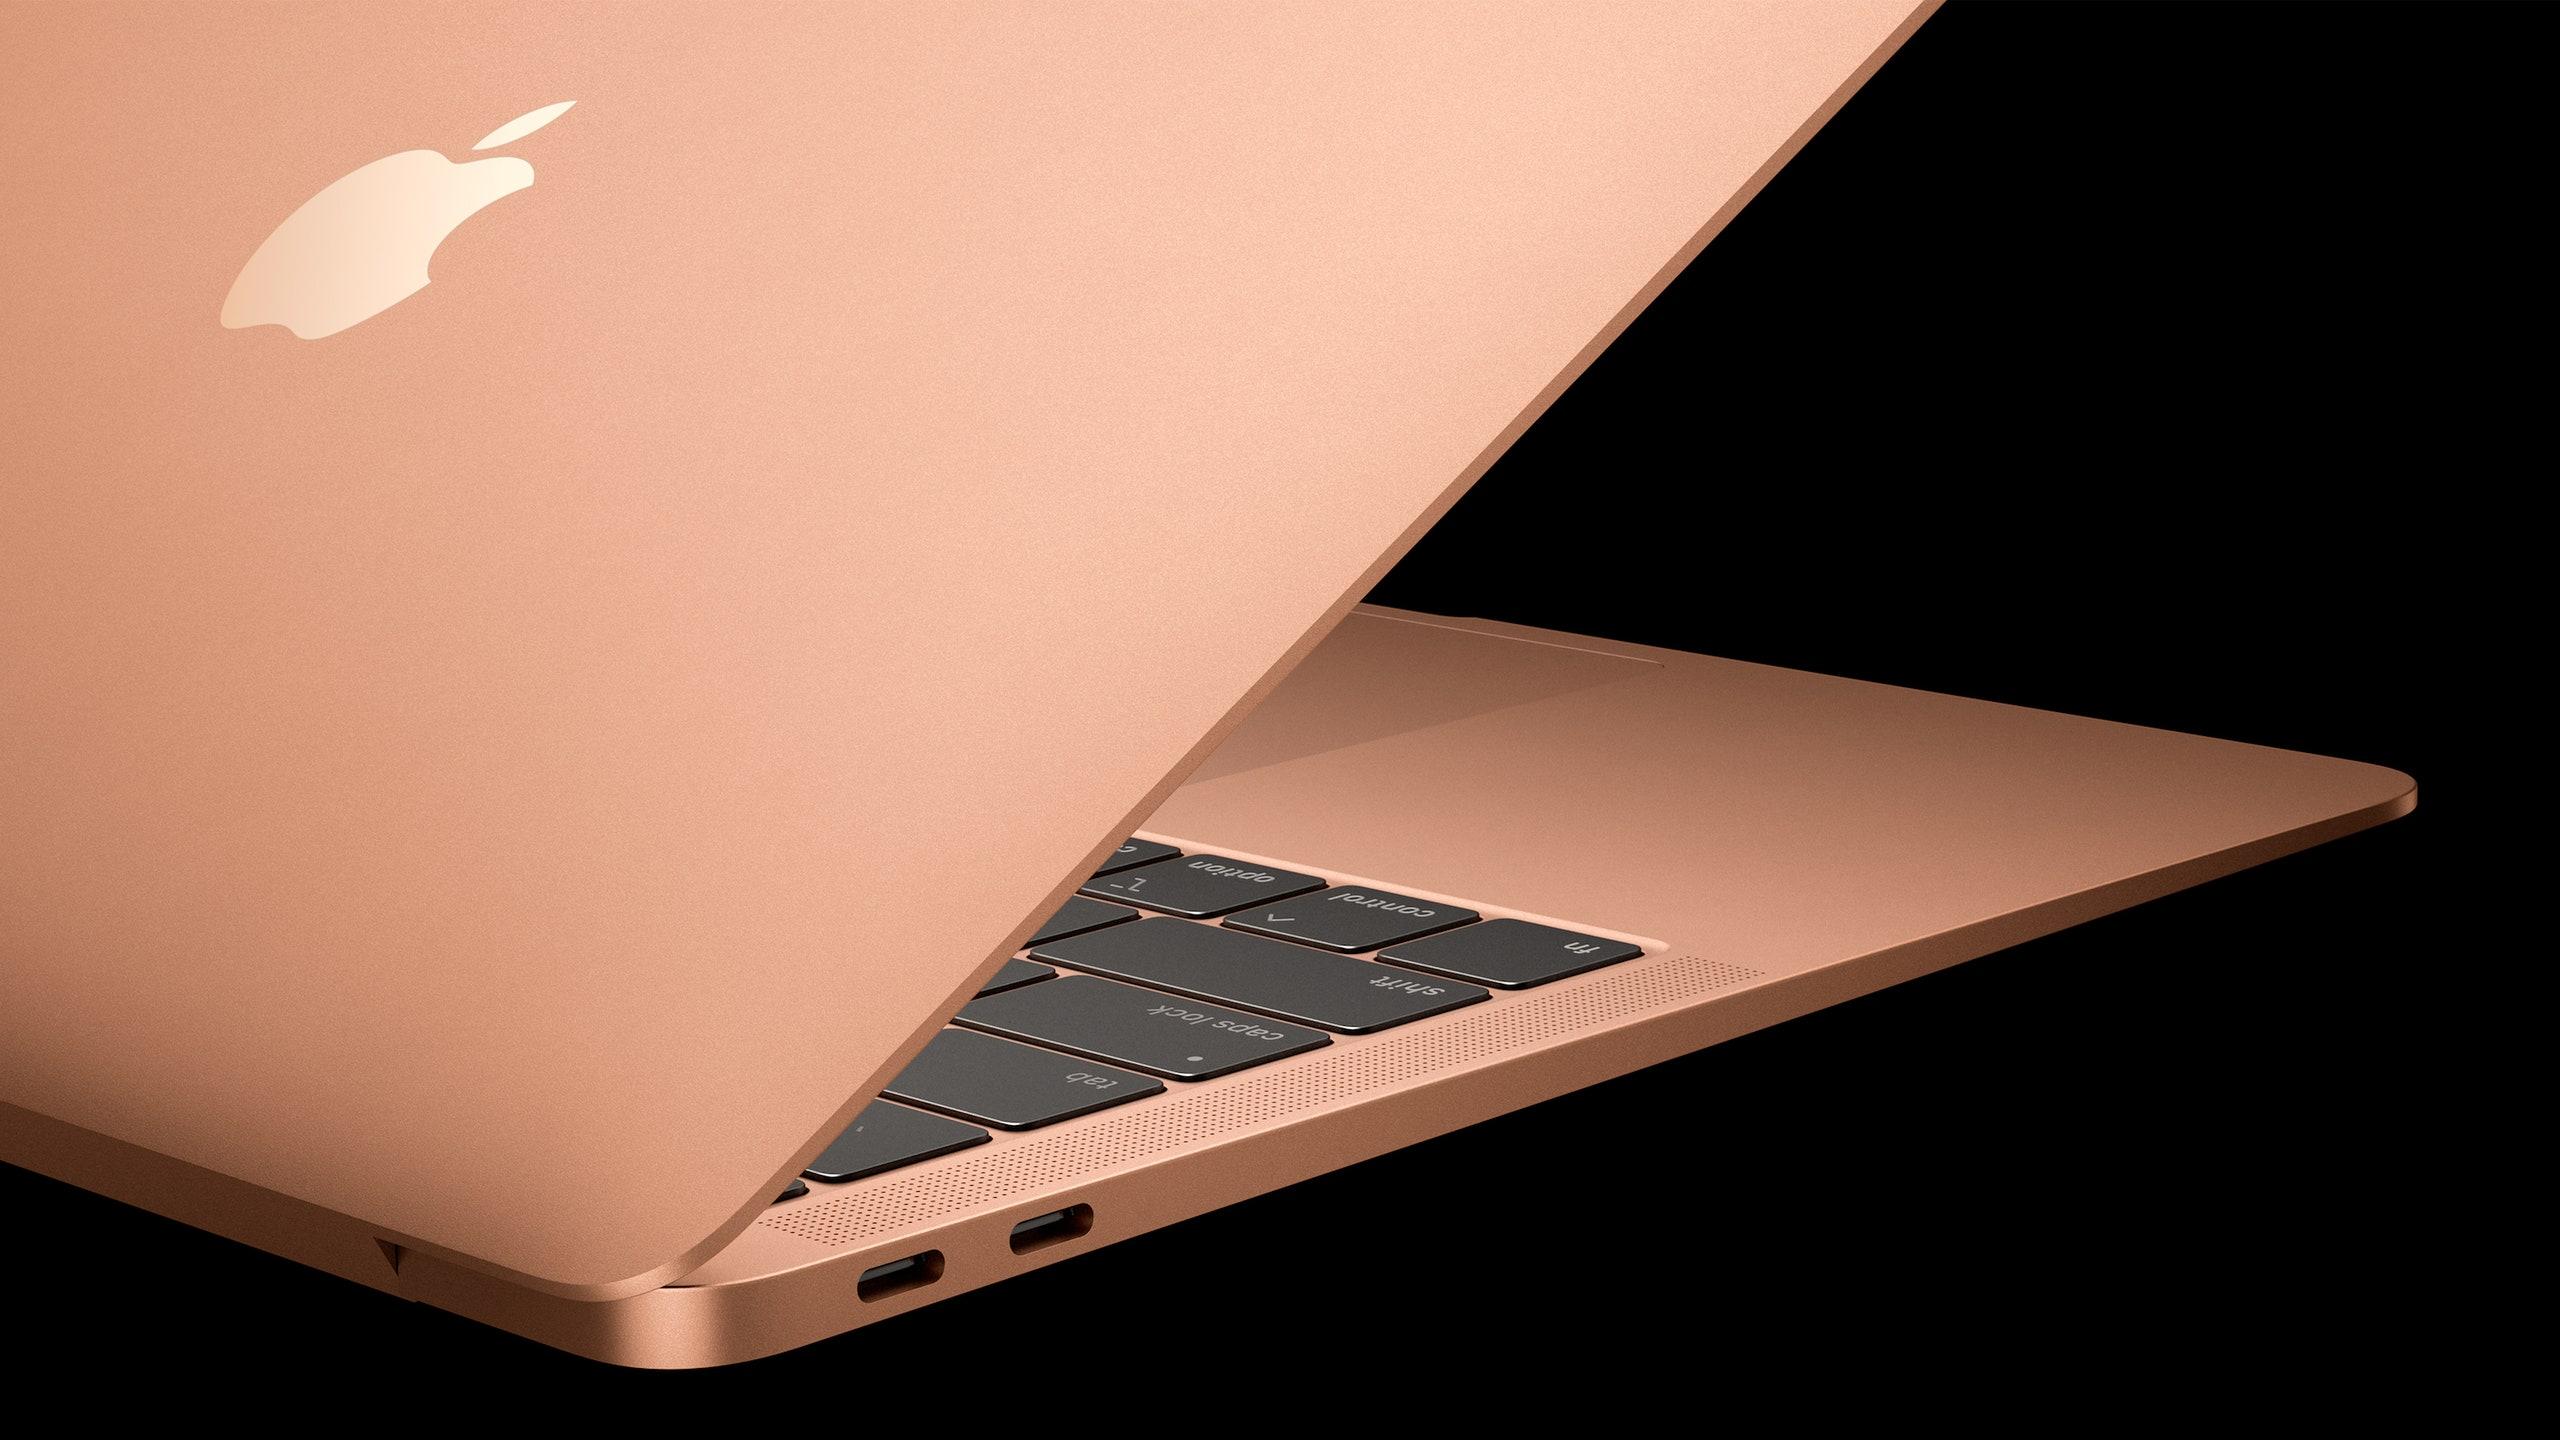 Apple nuk po e bën Mac-in më shumë si iPhone, por po e bën atë ndryshe nga çdo gjë që keni parë më parë